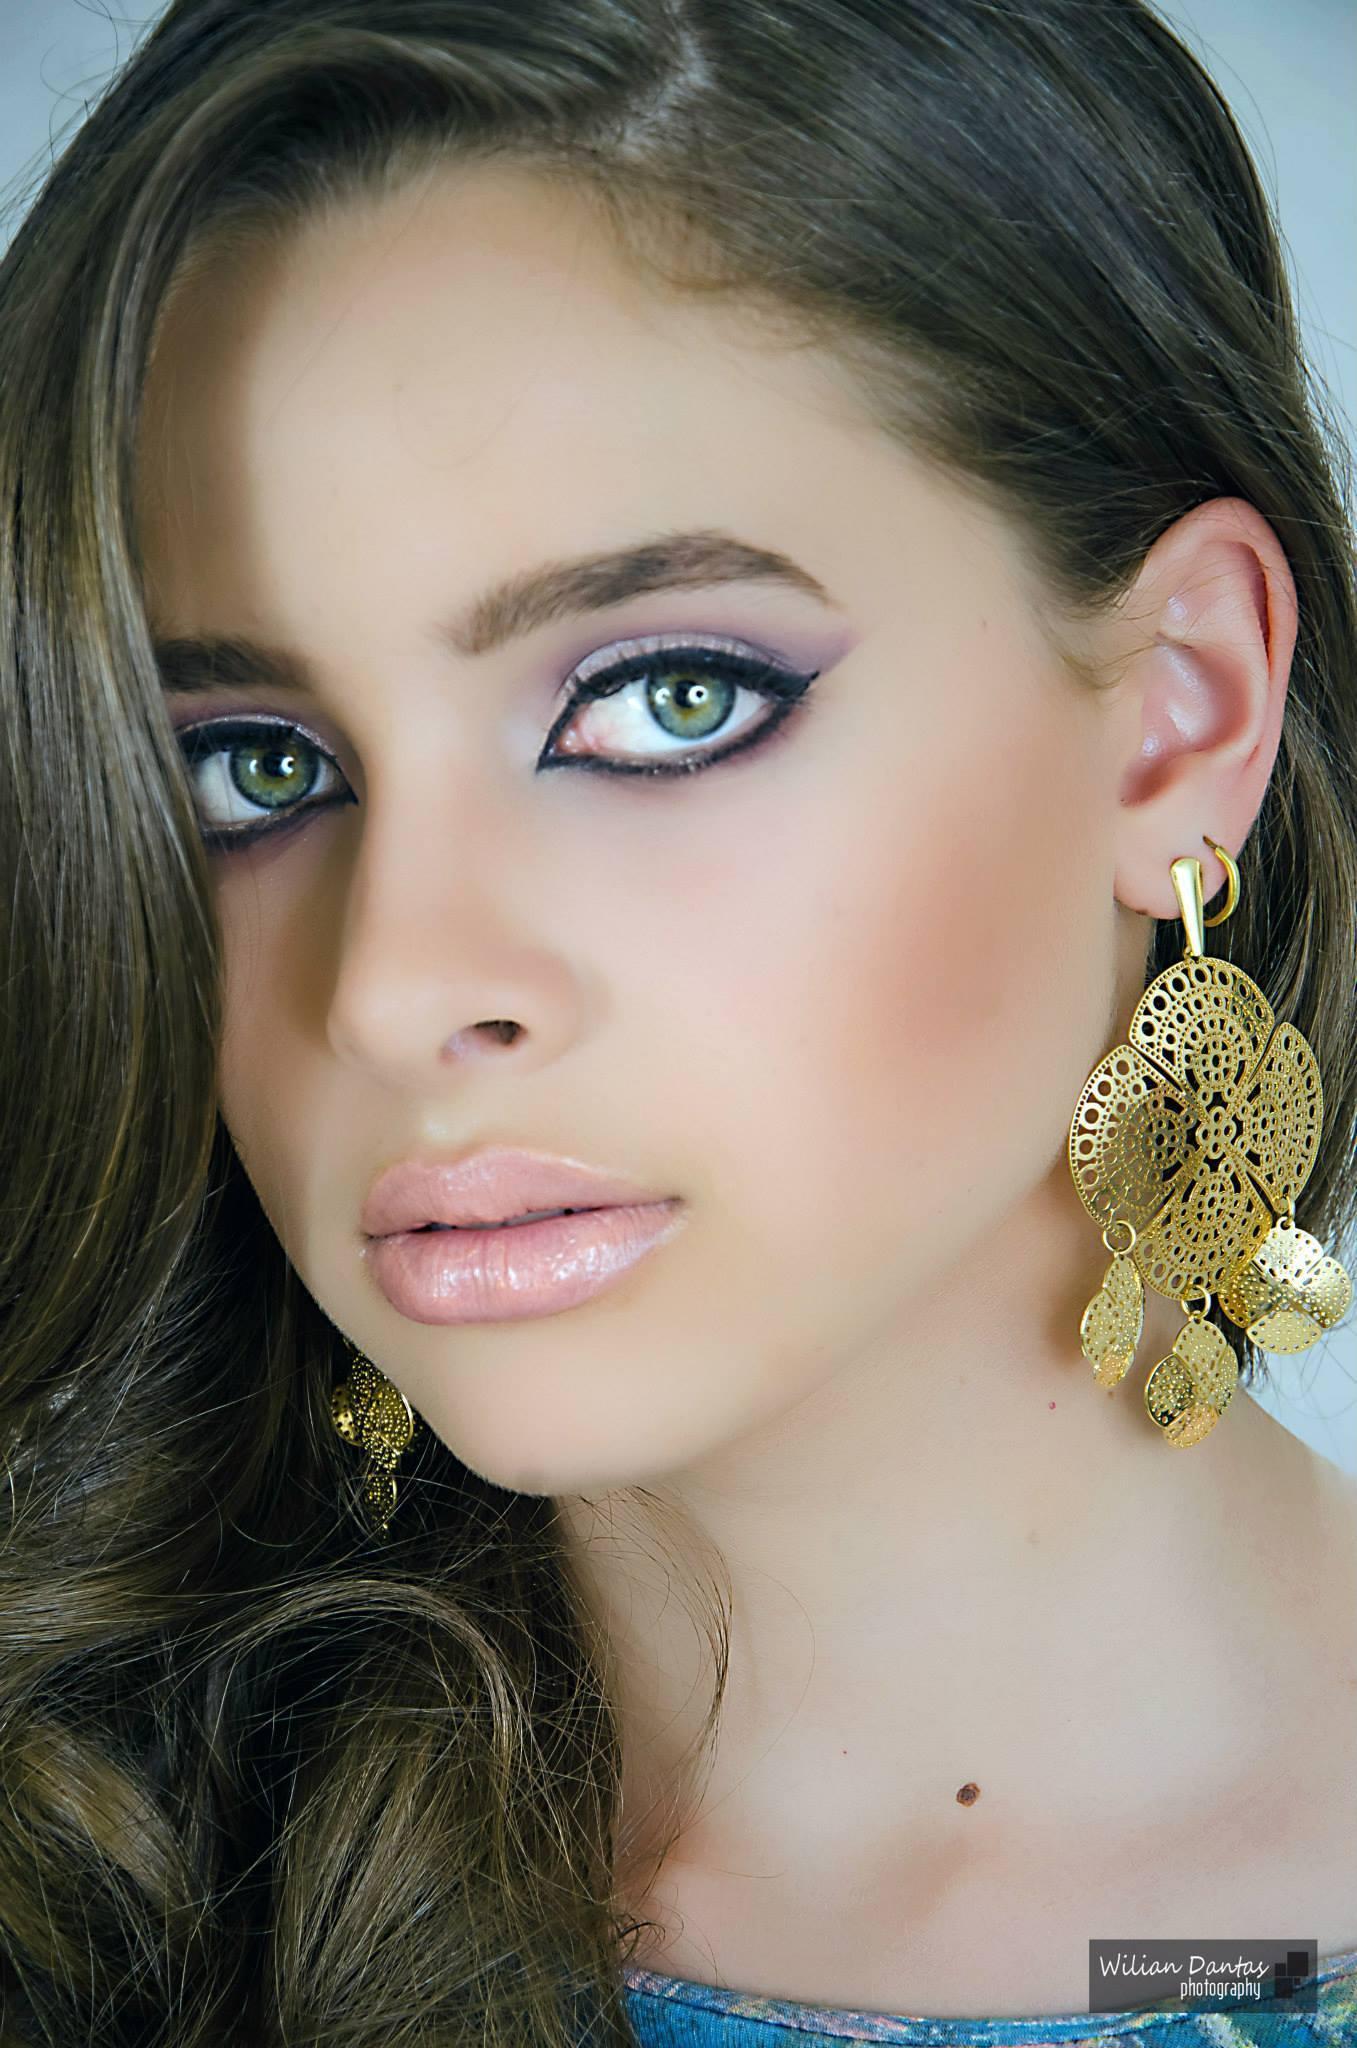 Make-up Maquiagem realizada com a técnica Airbrush. maquiador(a)